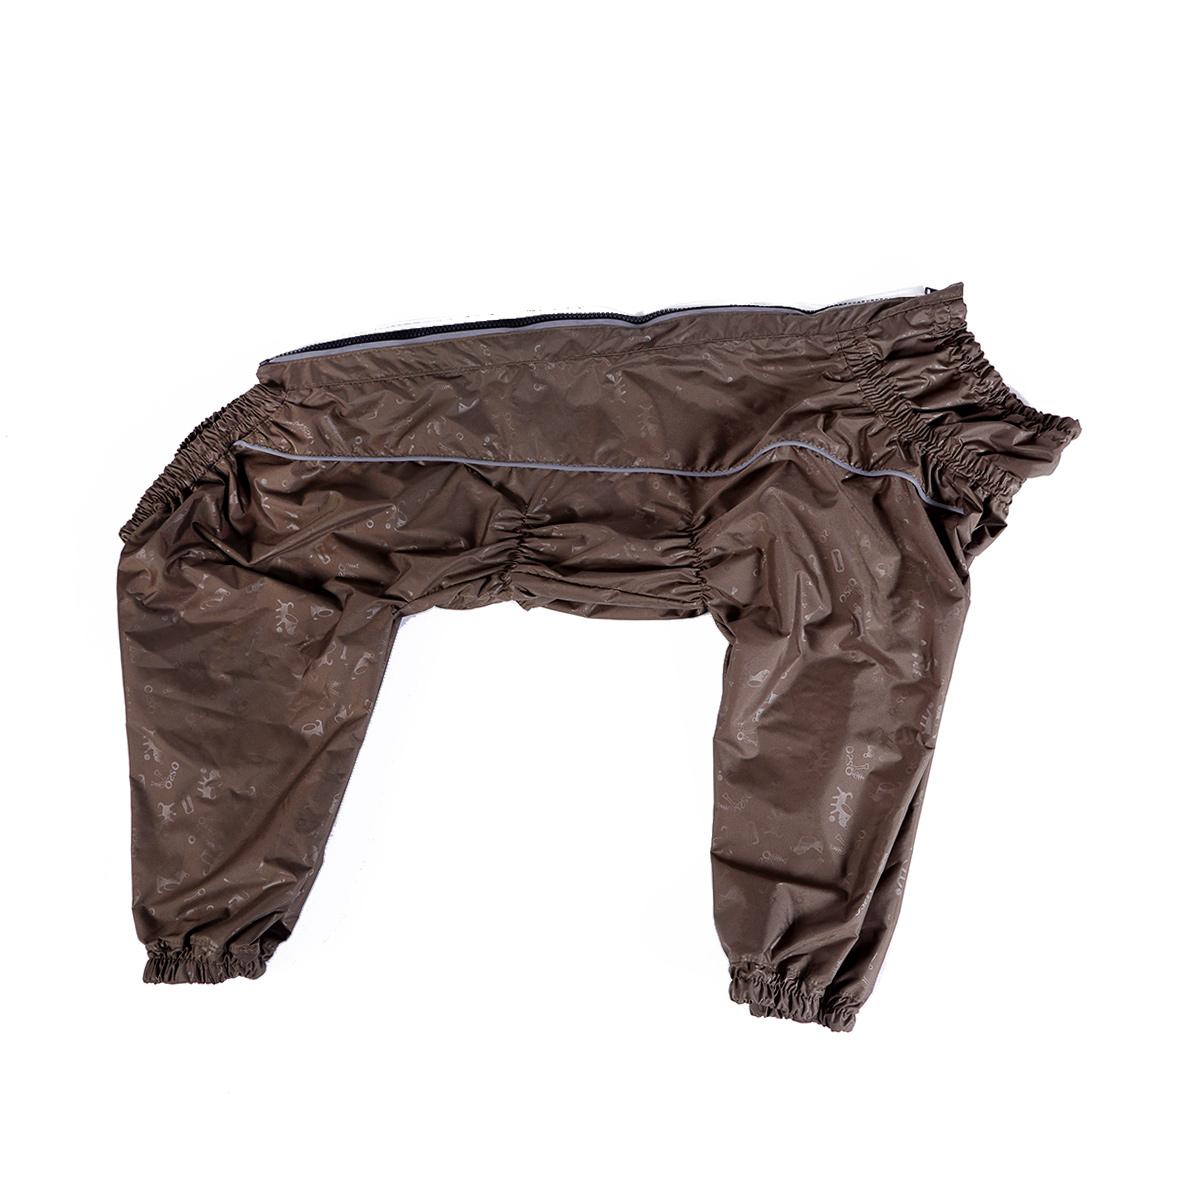 Комбинезон для собак OSSO Fashion, для мальчика, цвет: хаки. Размер 40К-1004-хакиКомбинезон для собак без подкладки из водоотталкивающей и ветрозащитной ткани (100% полиэстер). Предназначен для прогулок в межсезонье, в сырую погоду для защиты собаки от грязи и воды. В комбинезоне используется отделка со светоотражающим кантом и тракторная молния со светоотражающей полосой. Комбинезон для собак эргономичен, удобен, не сковывает движений собаки при беге, во время игры и при дрессировке. Комфортная посадка по корпусу достигается за счет резинок-утяжек под грудью и животом. На воротнике имеется кнопка для фиксации. От попадания воды и грязи внутрь комбинезона низ штанин также сборен на резинку. Рекомендуется машинная стирка с использованием средства для стирки деликатных тканей при температуре не выше 40?С и загрузке барабана не более чем на 40% от его объема, отжим при скорости не более 400/500 об/мин, сушка на воздухе – с целью уменьшения воздействия на водоотталкивающую (PU) пропитку ткани. Рекомендации по подбору размера: Размер подбирается по длине спины собаки....